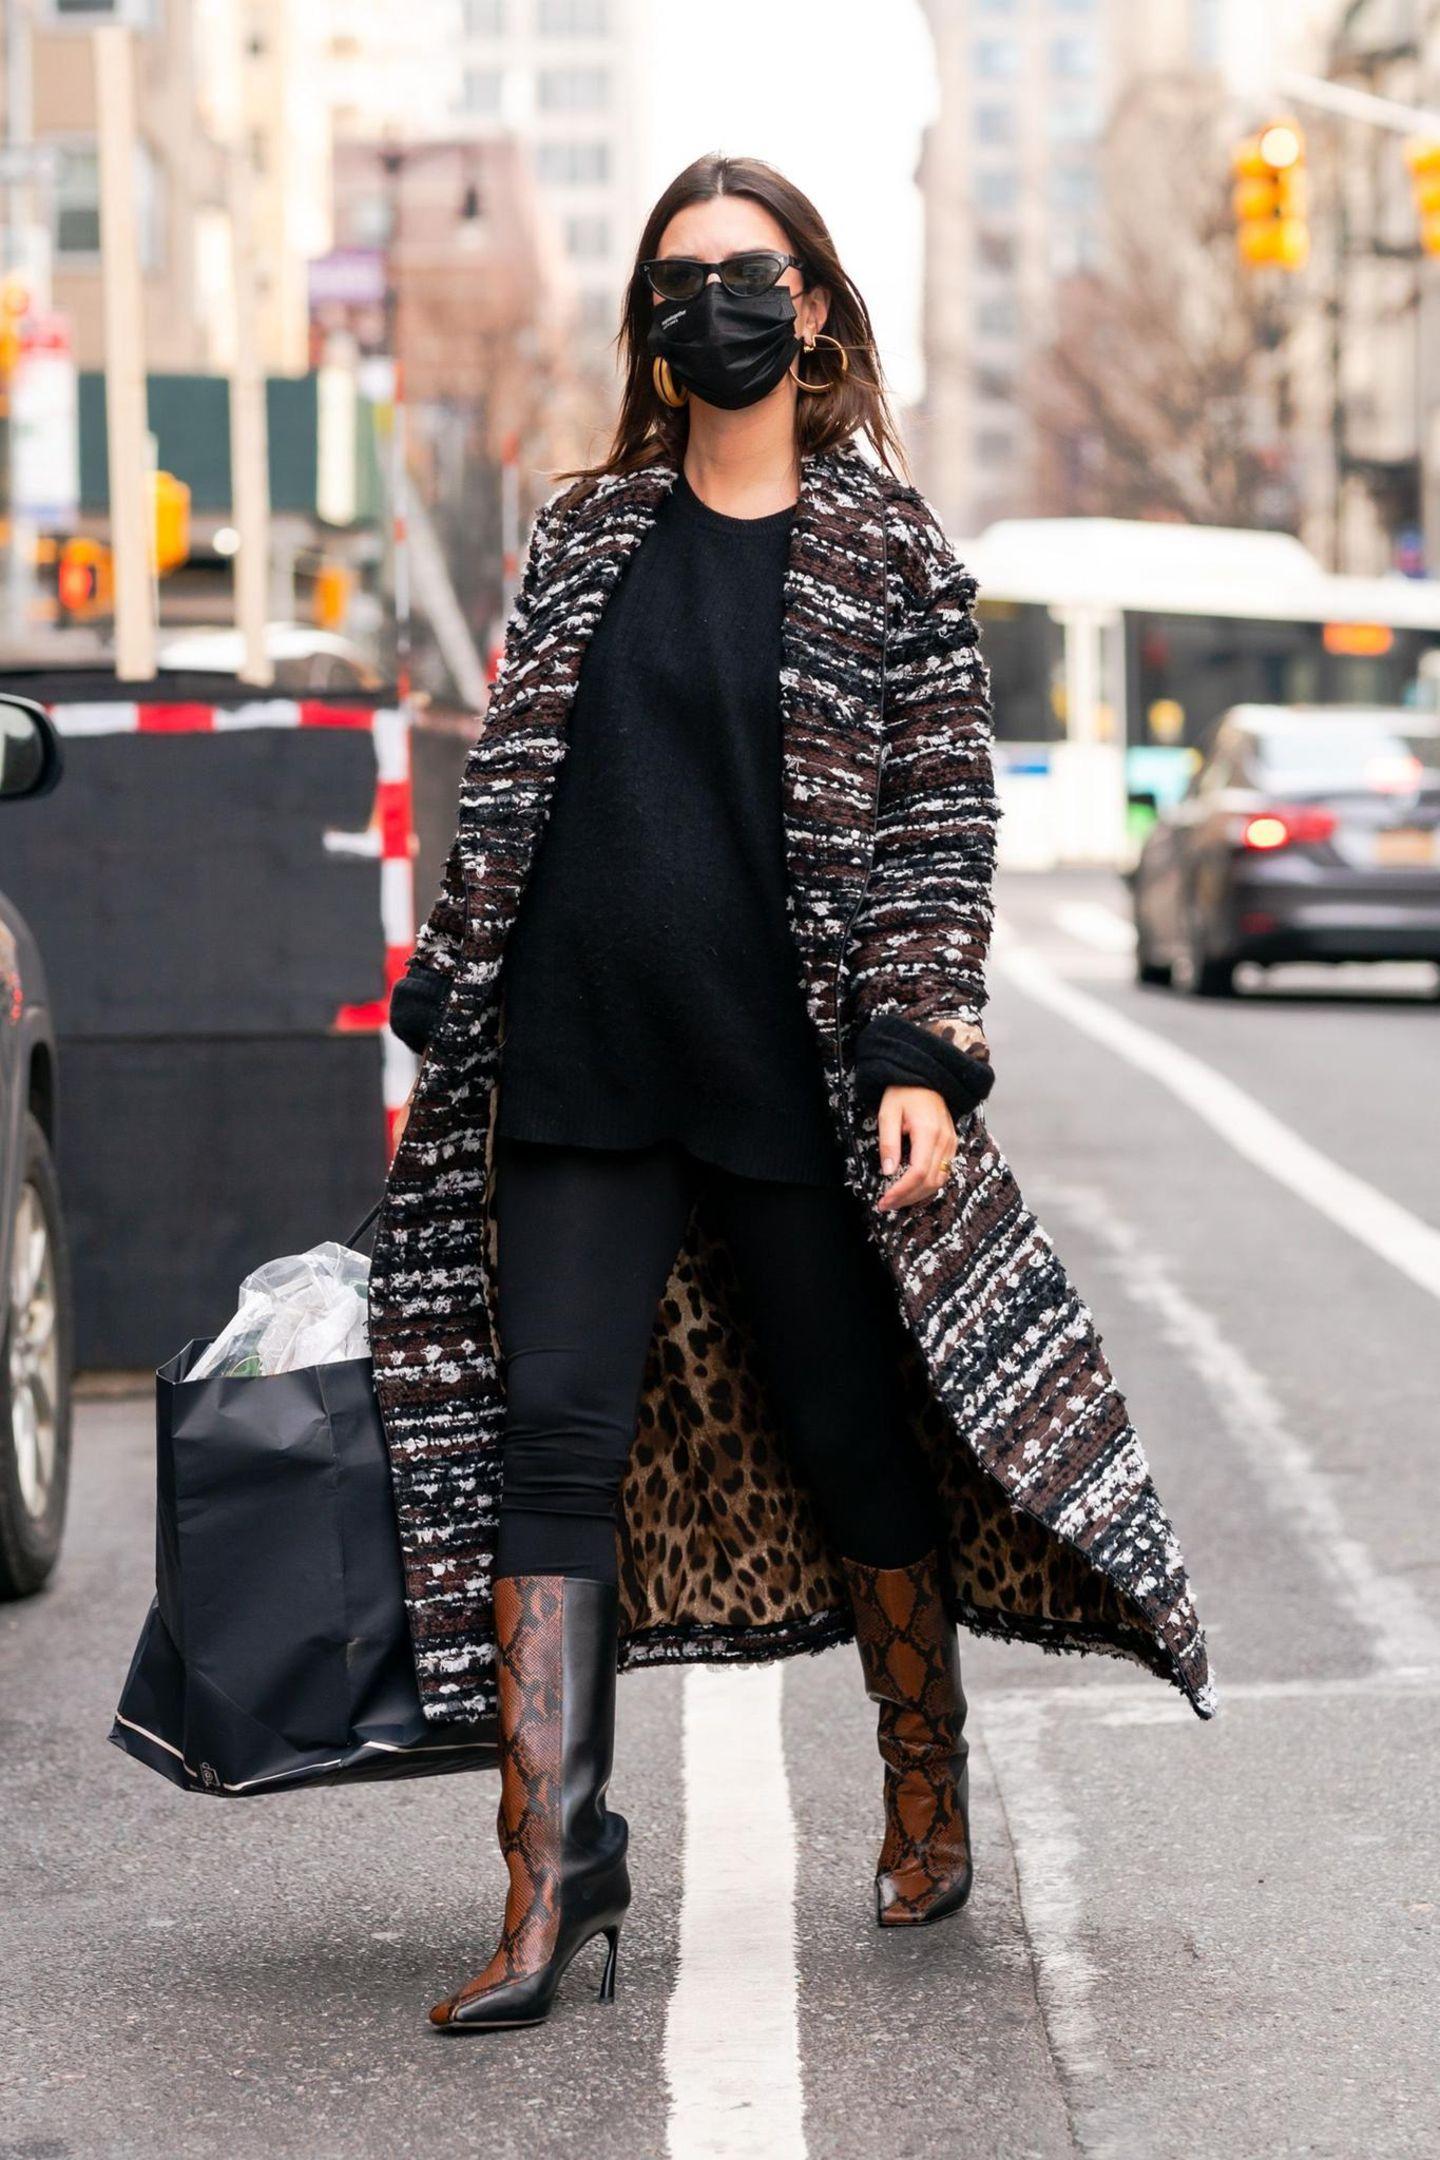 Huch! In diesem Outfit hätten wir Model Emily Ratajkowski beinahe nicht erkannt. Auf Instagram sehen wir sie nämlich in der Regel weniger angezogen, manchmal sogar splitternackt. Deshalb ist dieser Schwangerschaftslook eine willkommene Abwechslung. Gekonnt stylt sie Skinny Jeans zu Oversize-Pullover und stylischen Schaftstiefeln mit Animal-Print. Der Mantel von Dolce & Gabbana (etwa 4800 Euro) macht den Look perfekt. Wir sind verliebt!